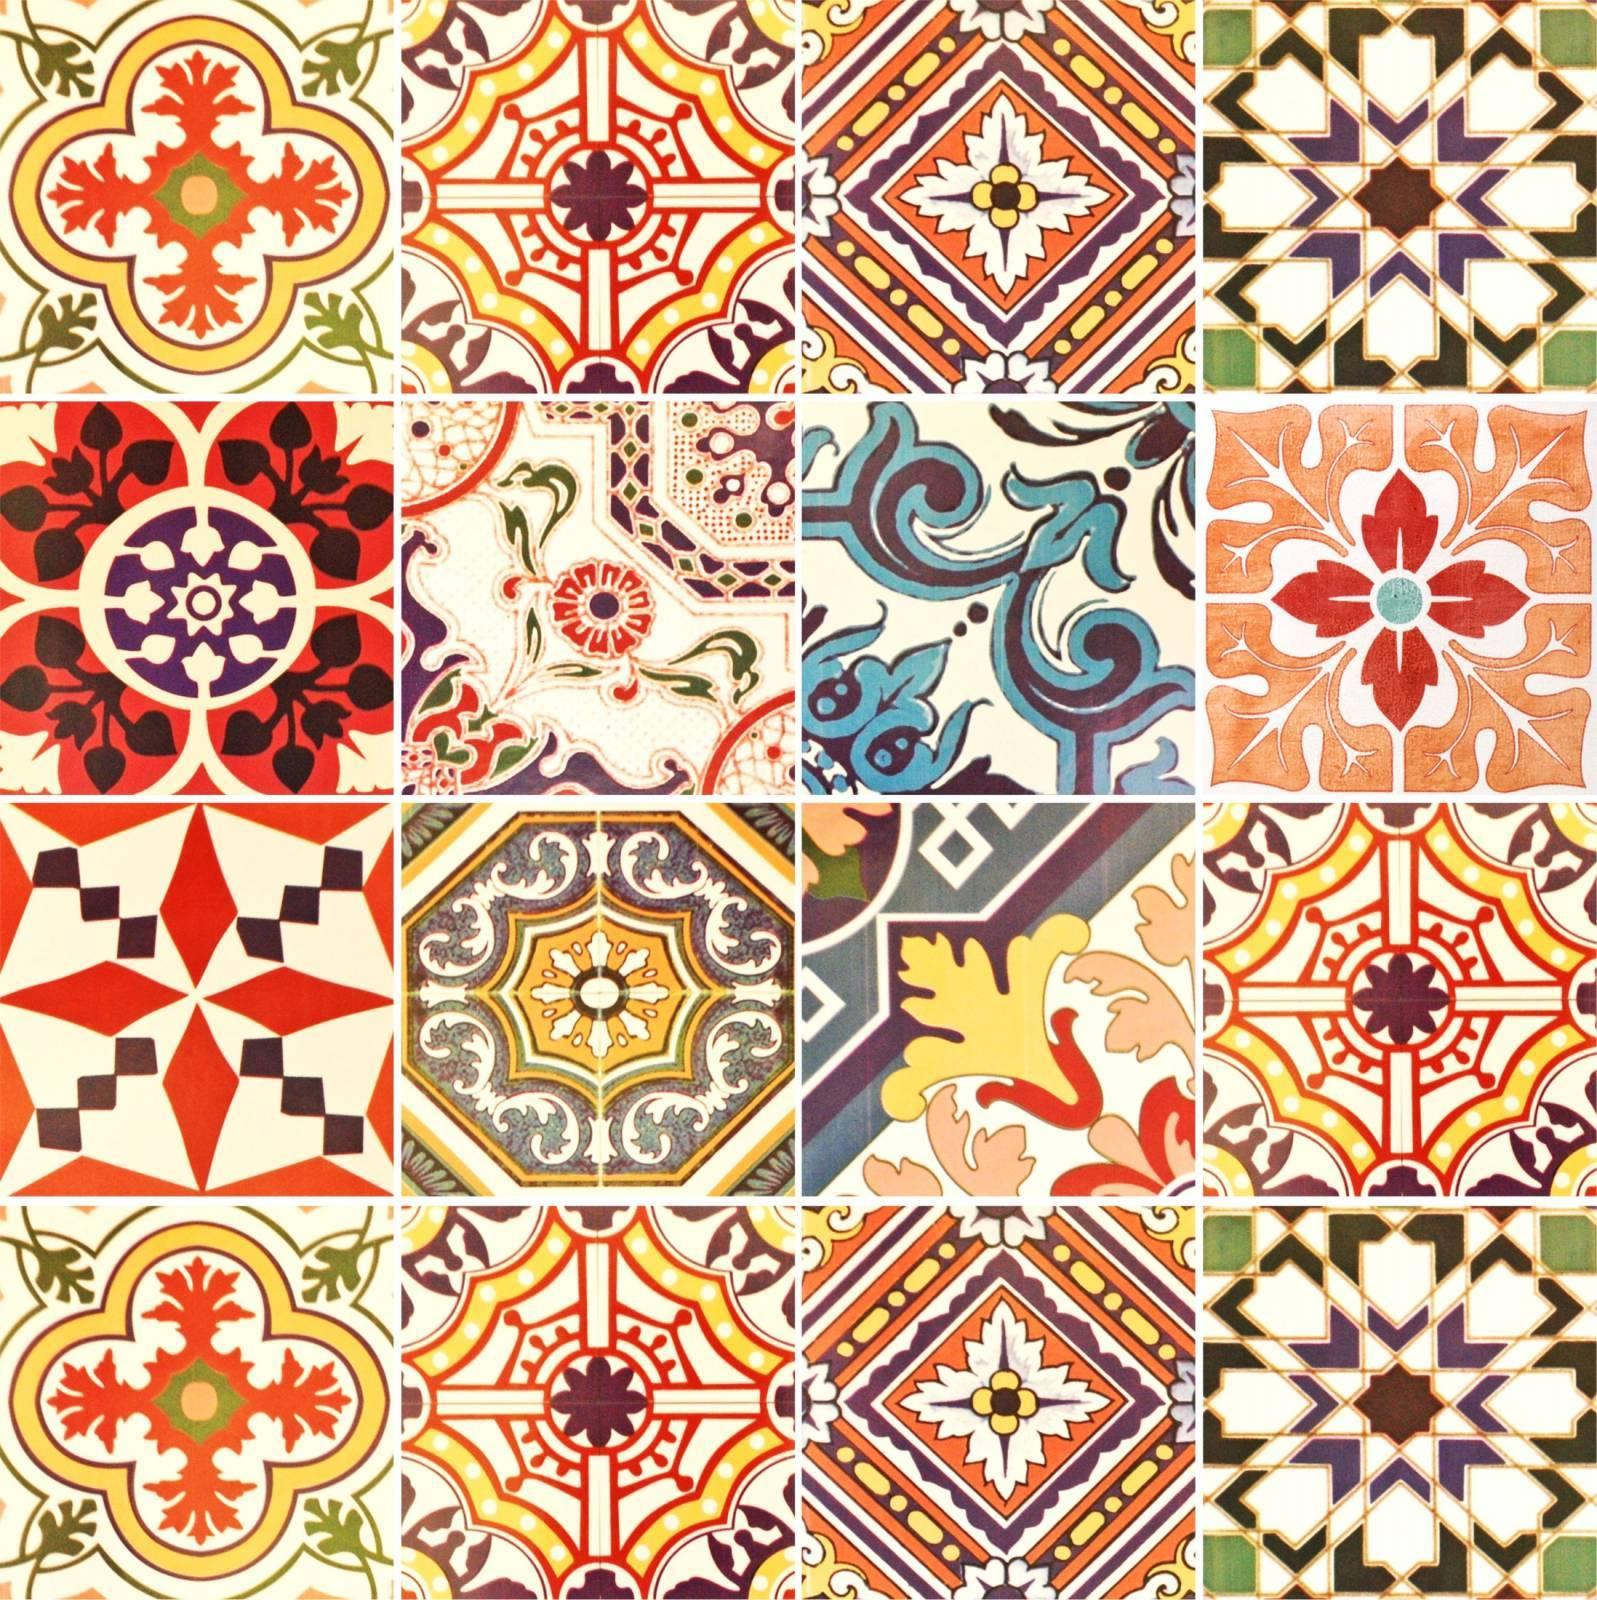 Adesivo para Azulejo - Retro Mescla Forte  imagem 1